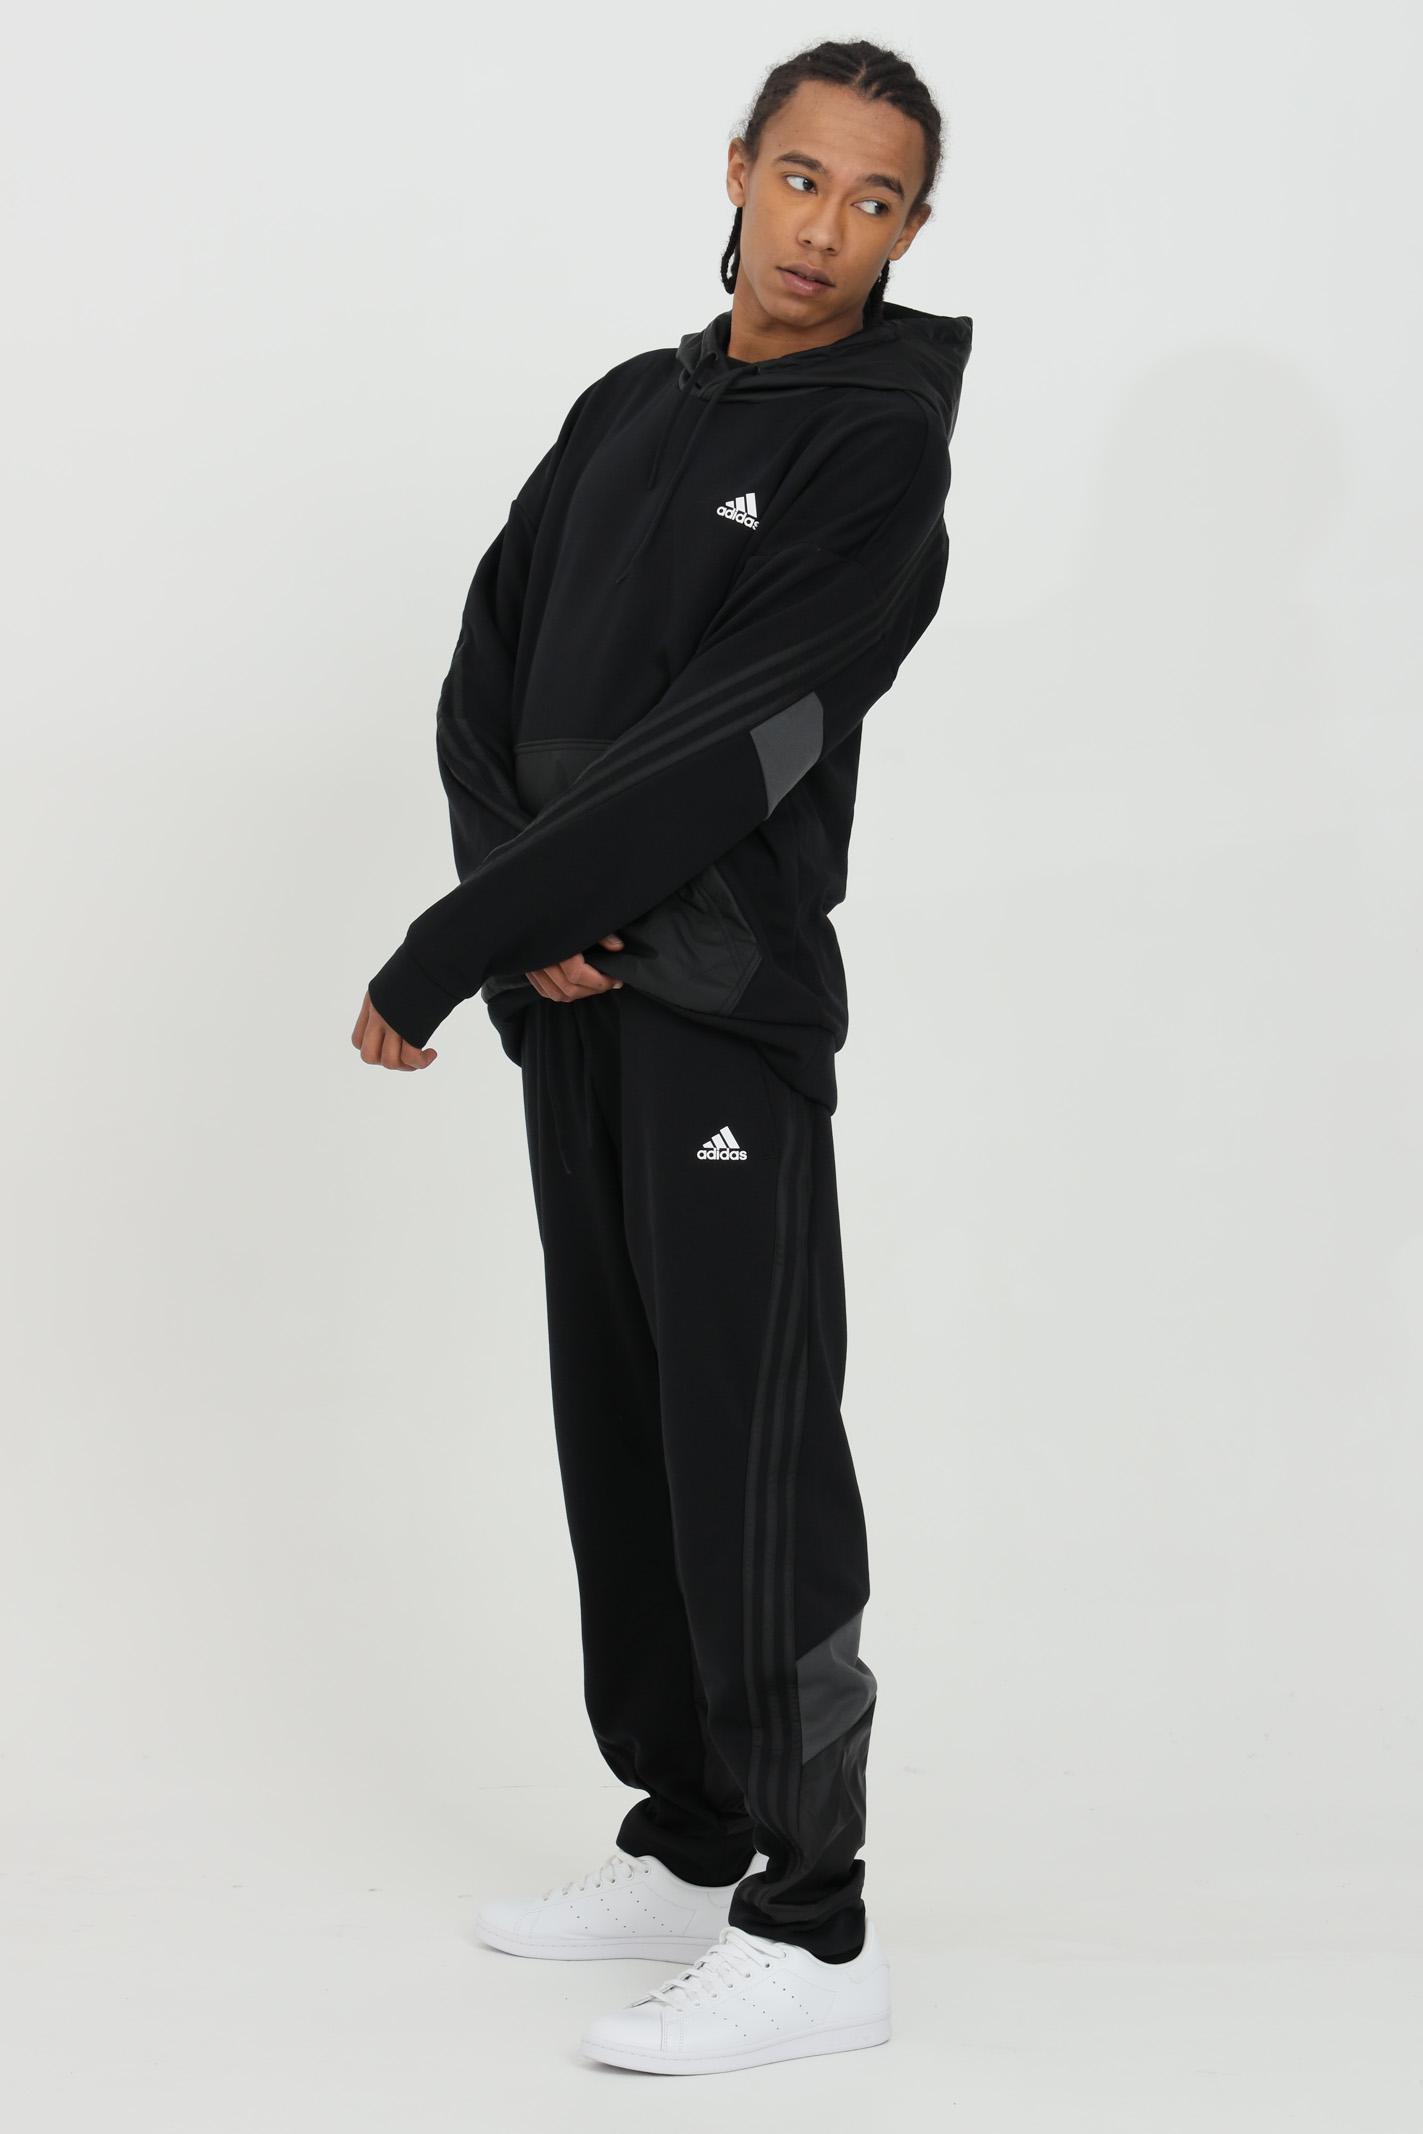 Pantalone tuta con inserti in primegreen ADIDAS | Pantaloni | GM6489.